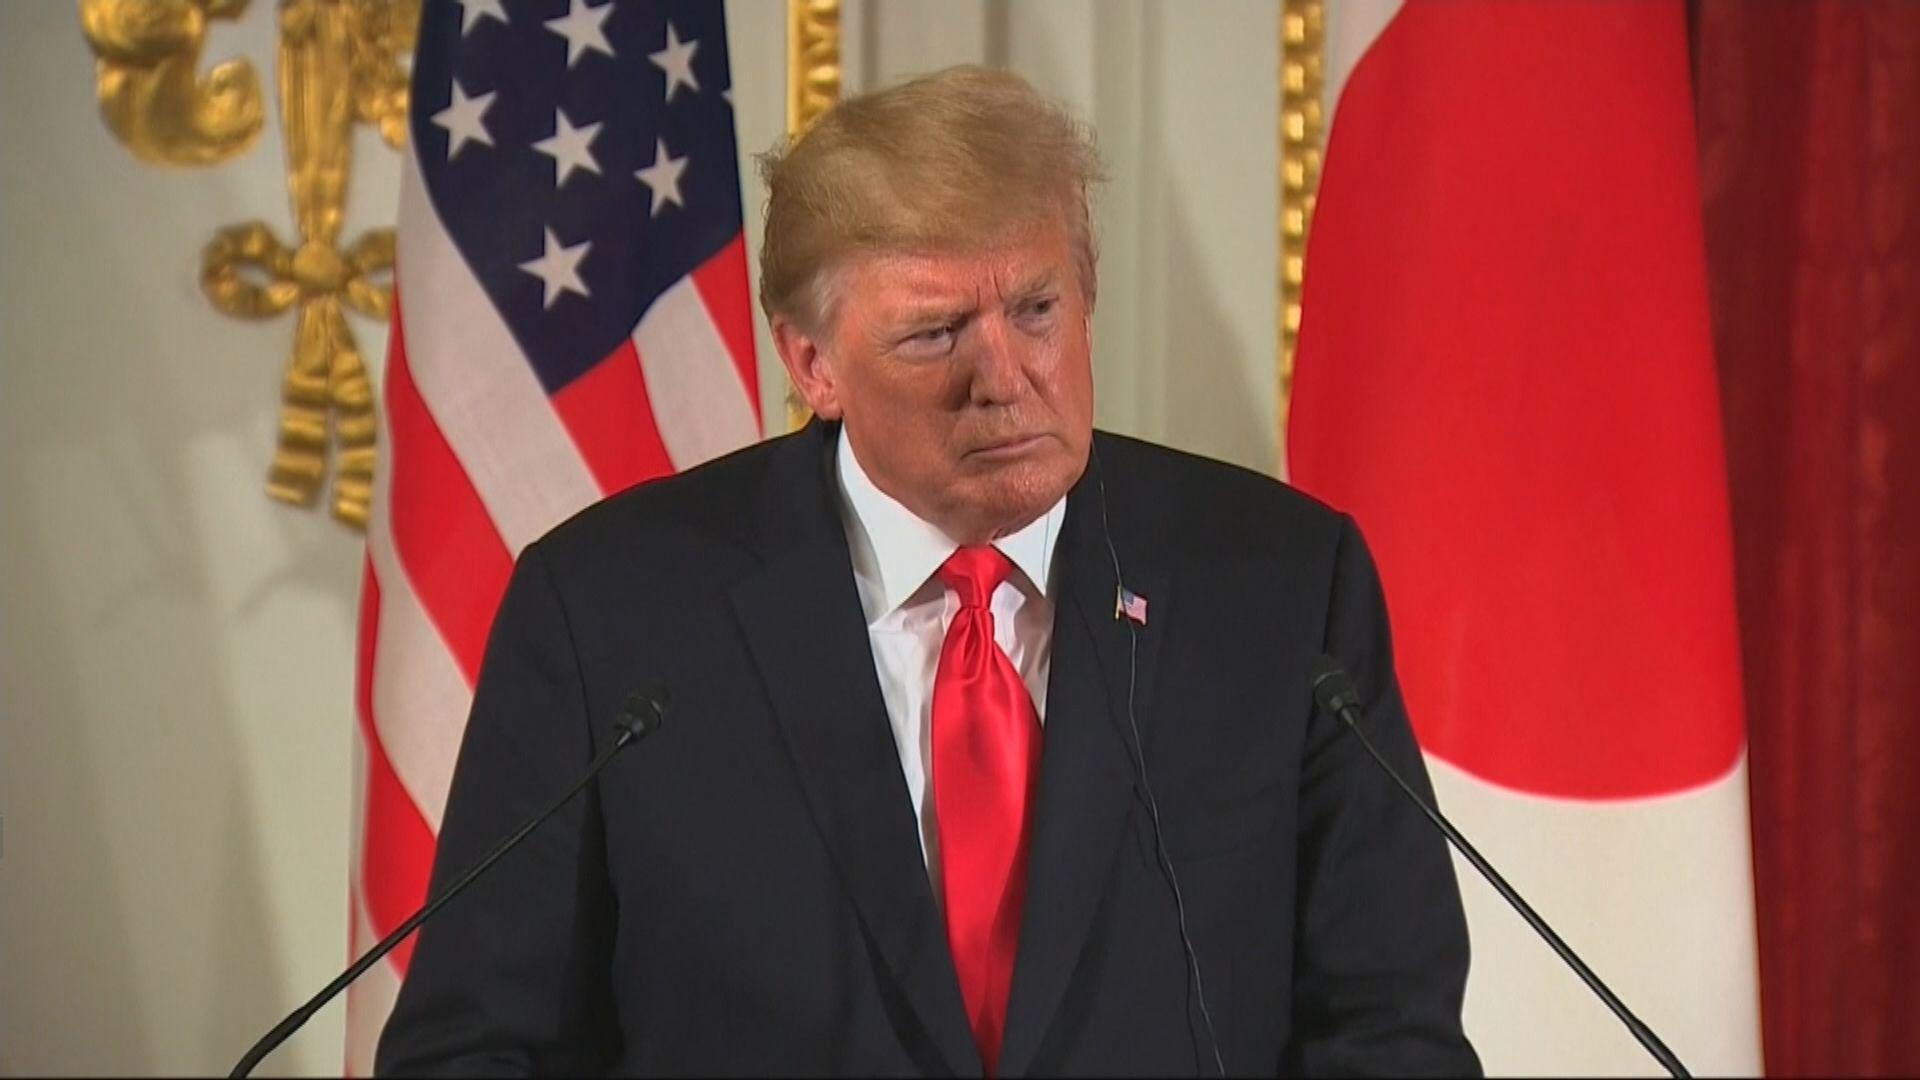 【中美貿戰】特朗普:未準備好與中國達成協議